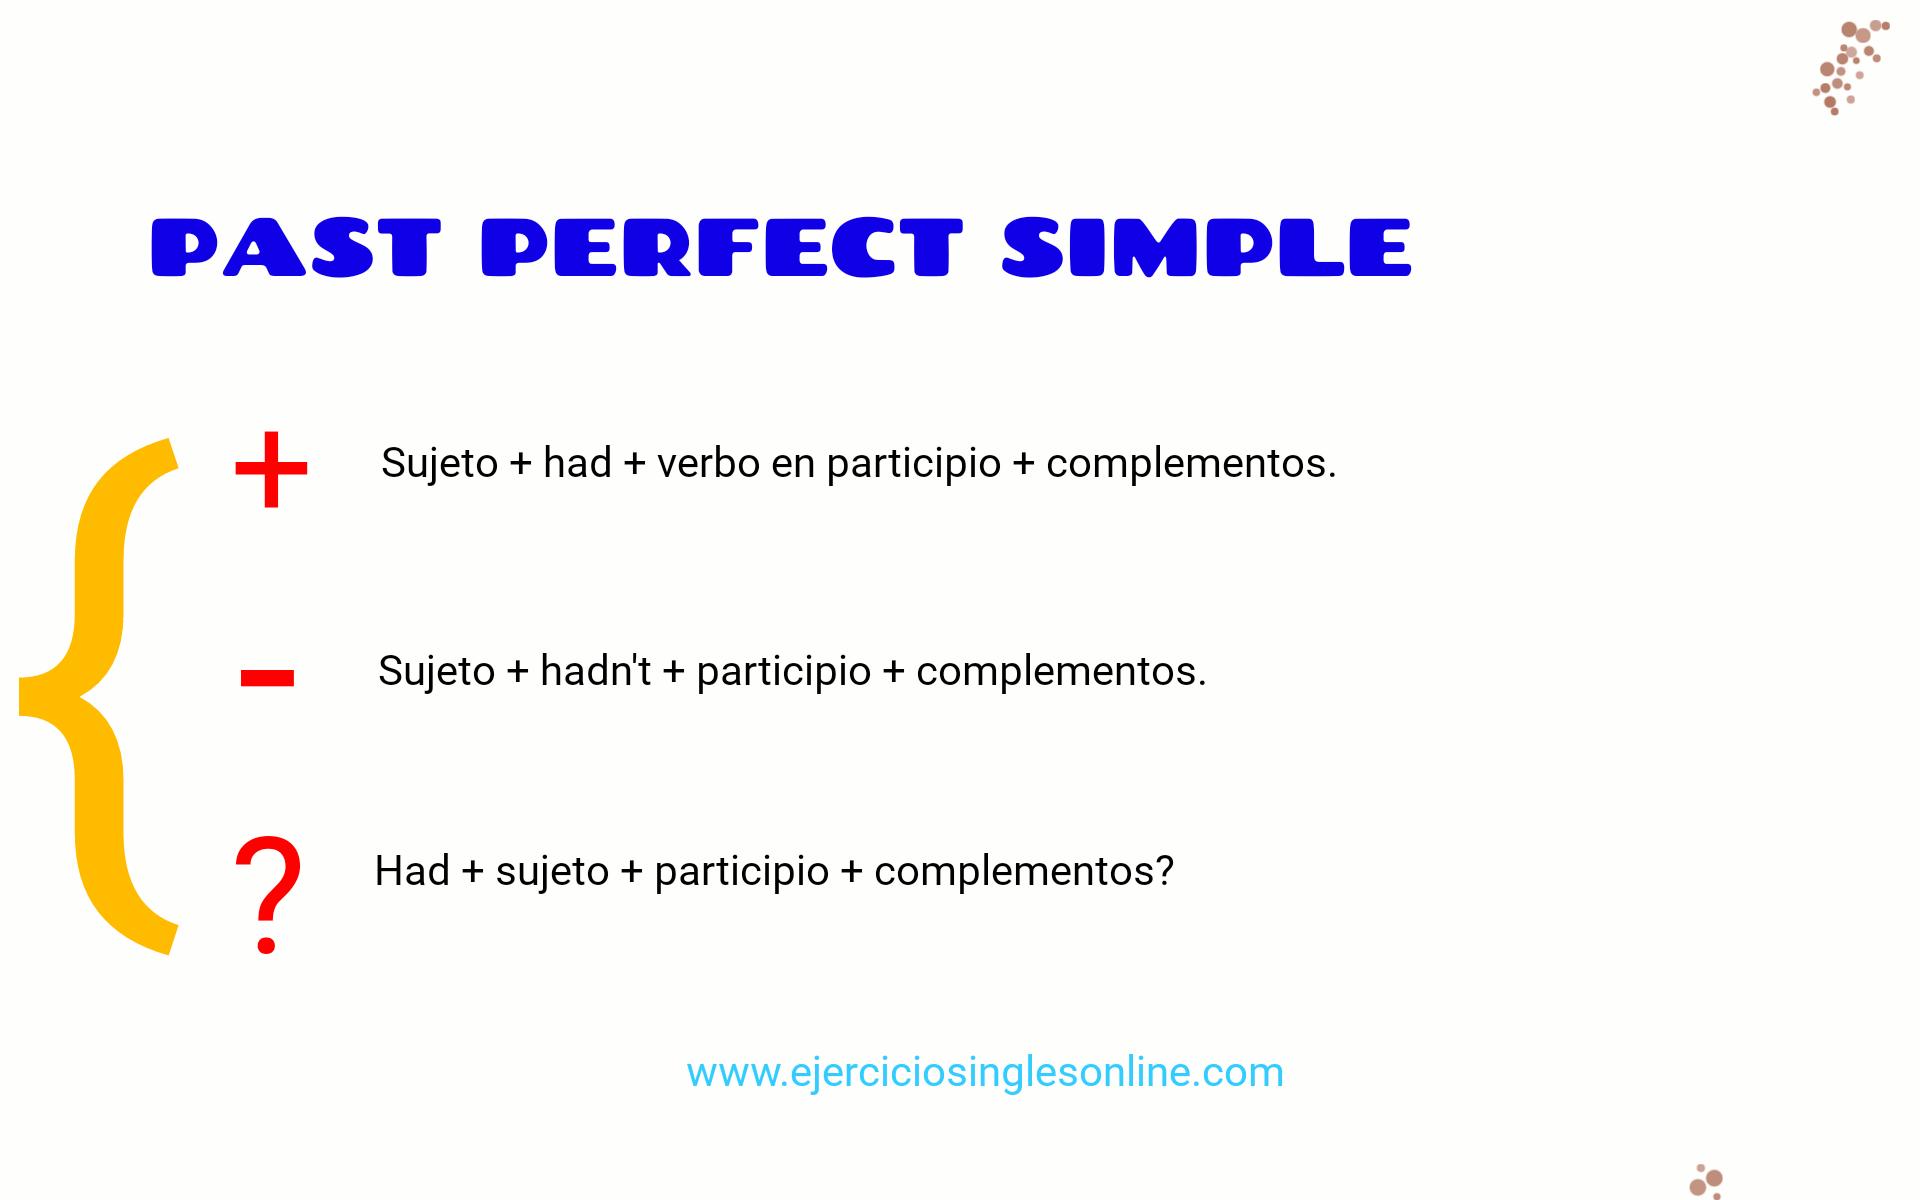 Ejercicio 4 - Pasado perfecto simple